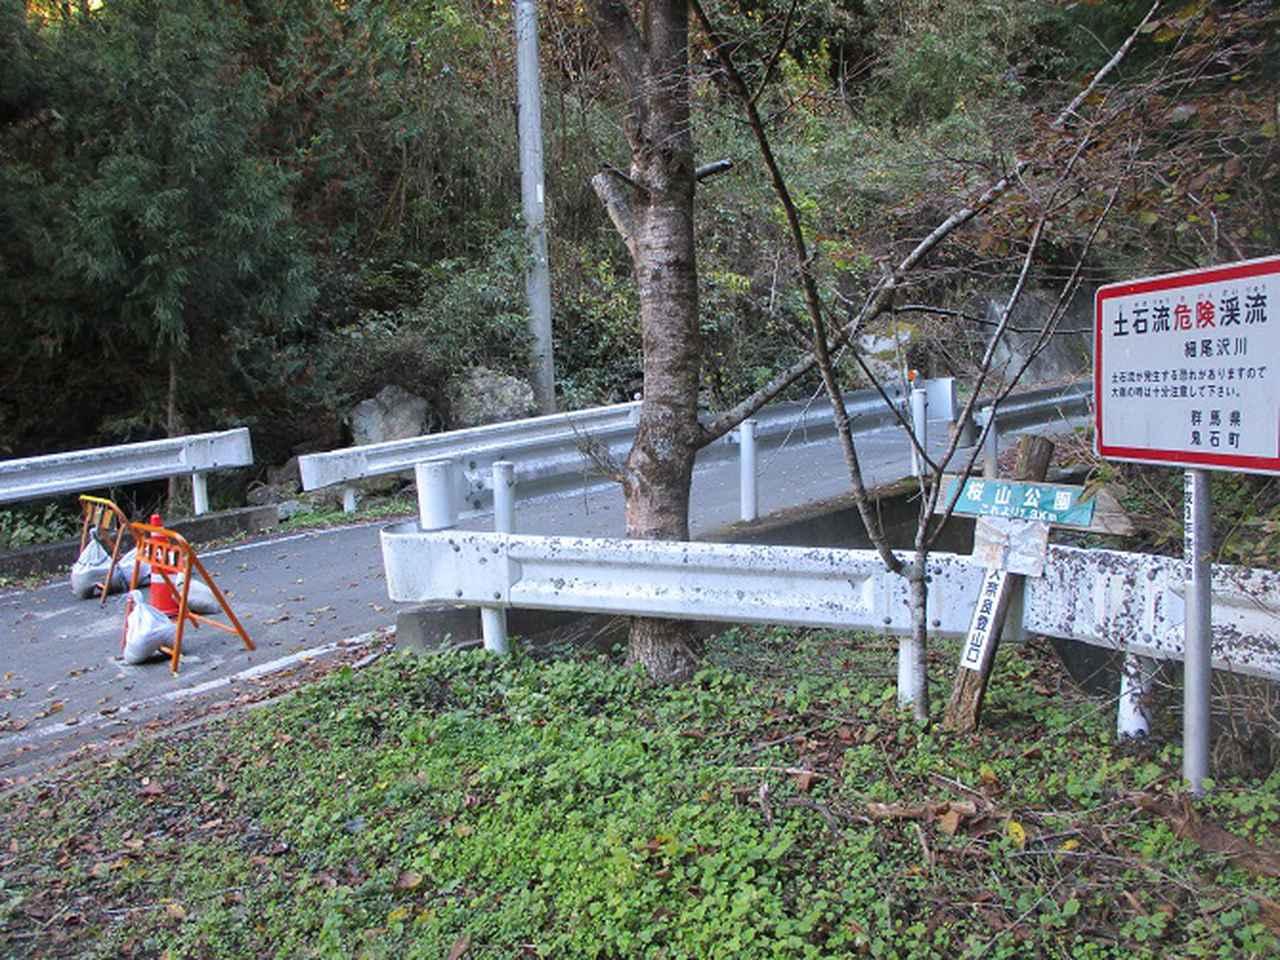 画像1: 12月の山旅会 「鬼石桜山」 ツアーの下見にいってきました!